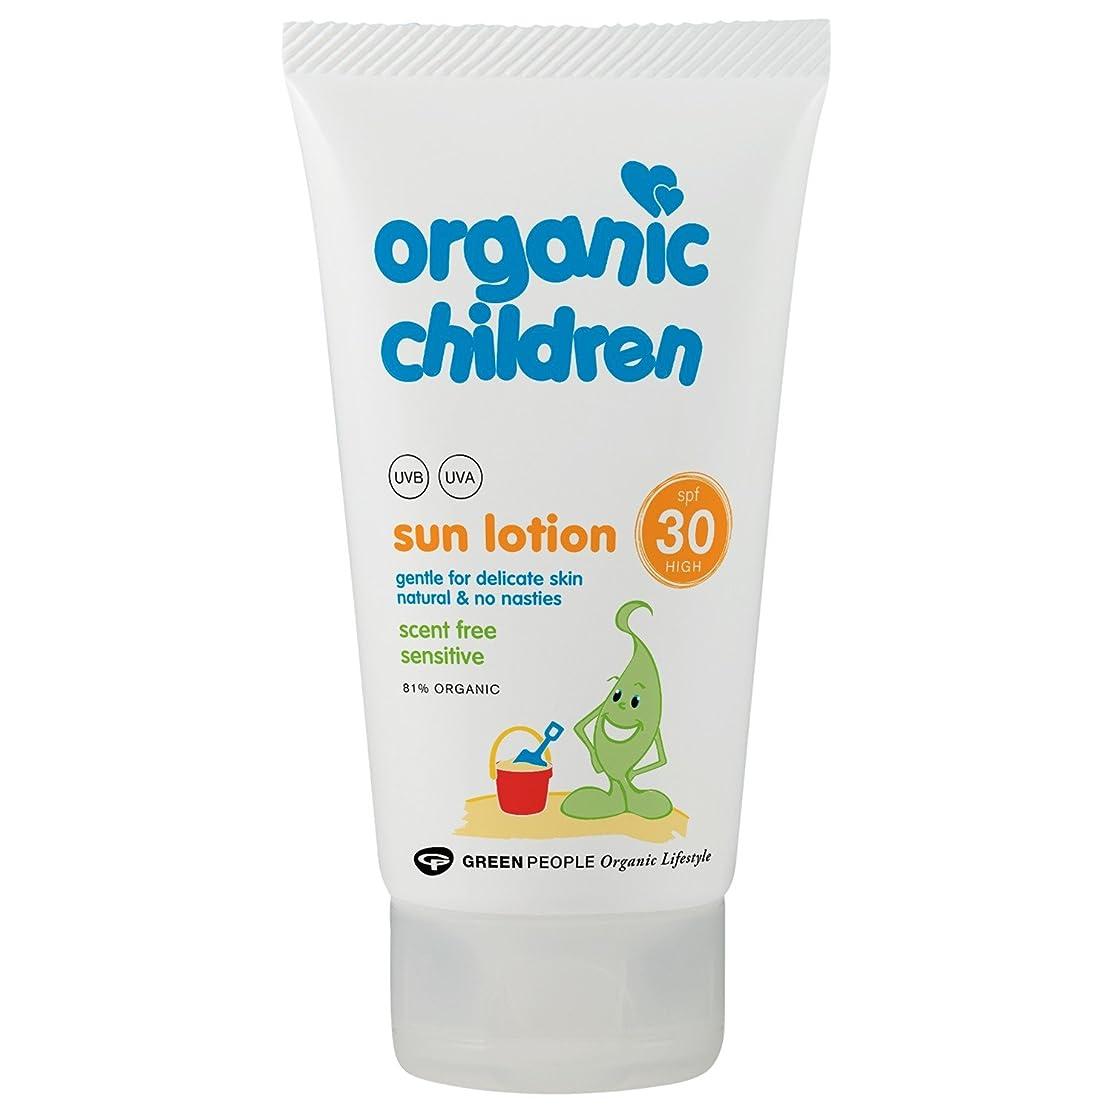 競合他社選手庭園暗殺者Organic Children SPF 30 Sun Lotion 150g (Pack of 6) - 有機子どもたちは30日のローション150グラムを x6 [並行輸入品]